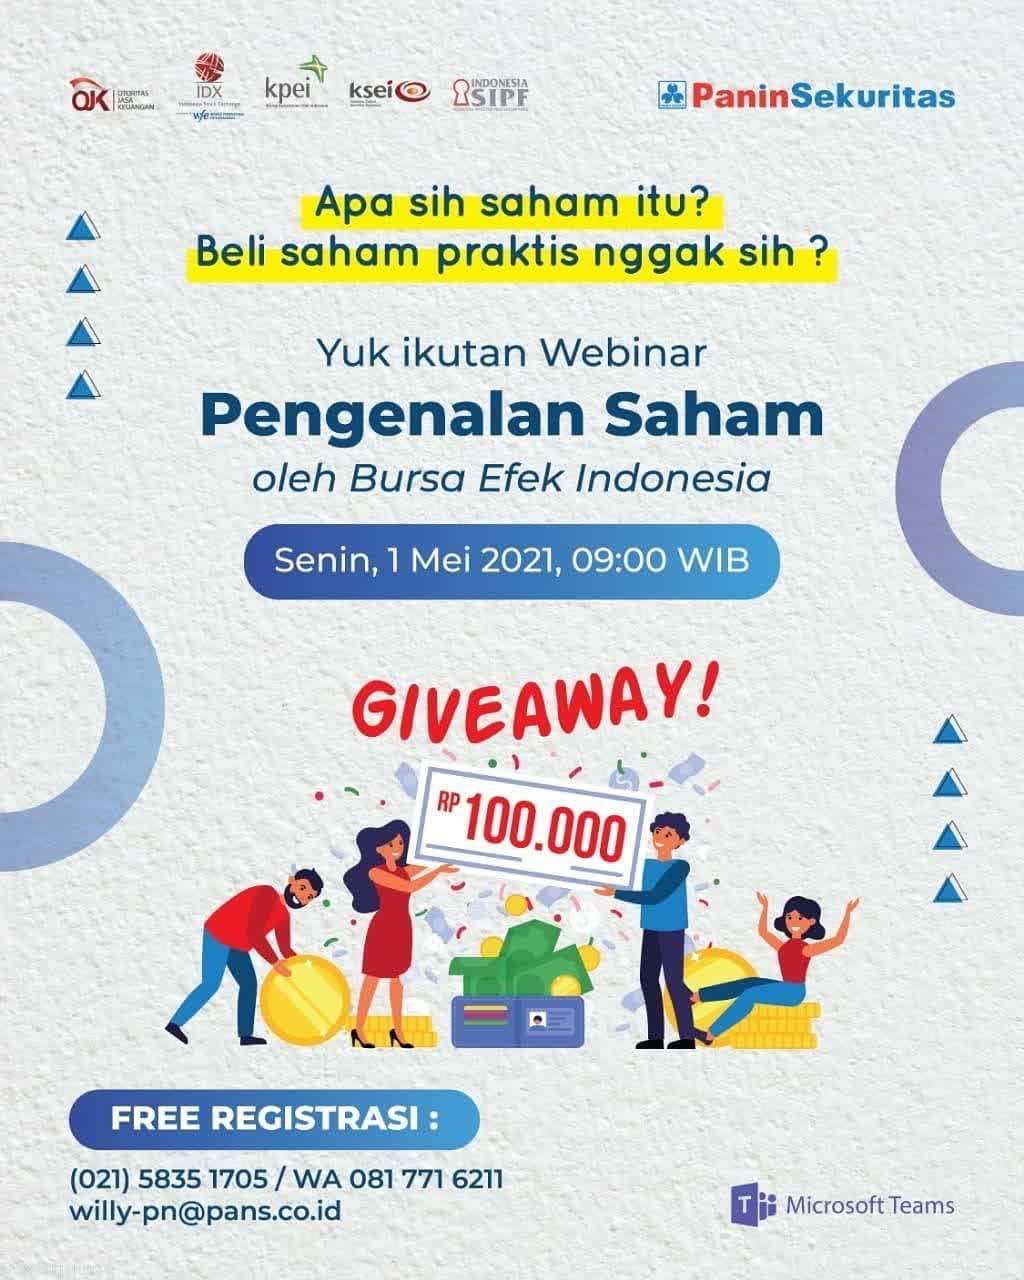 Pengenalan Saham oleh Bursa Efek Indonesia